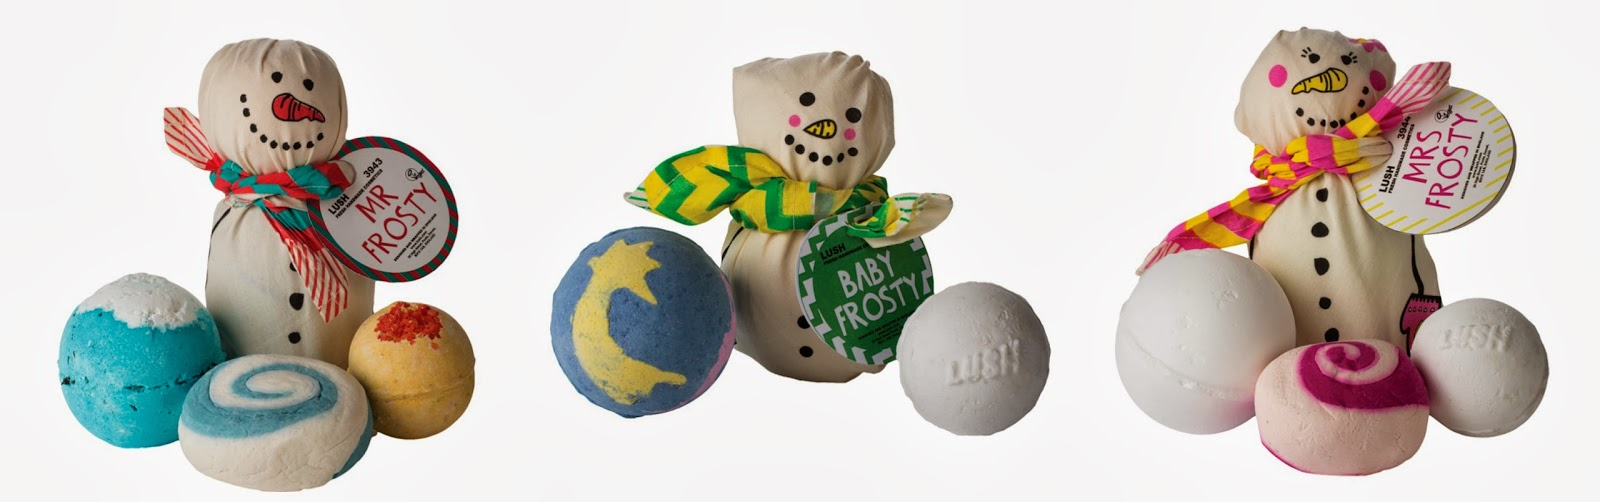 Lush christmas gift sets 2013 the sunday girl lush christmas gift sets 2013 negle Image collections